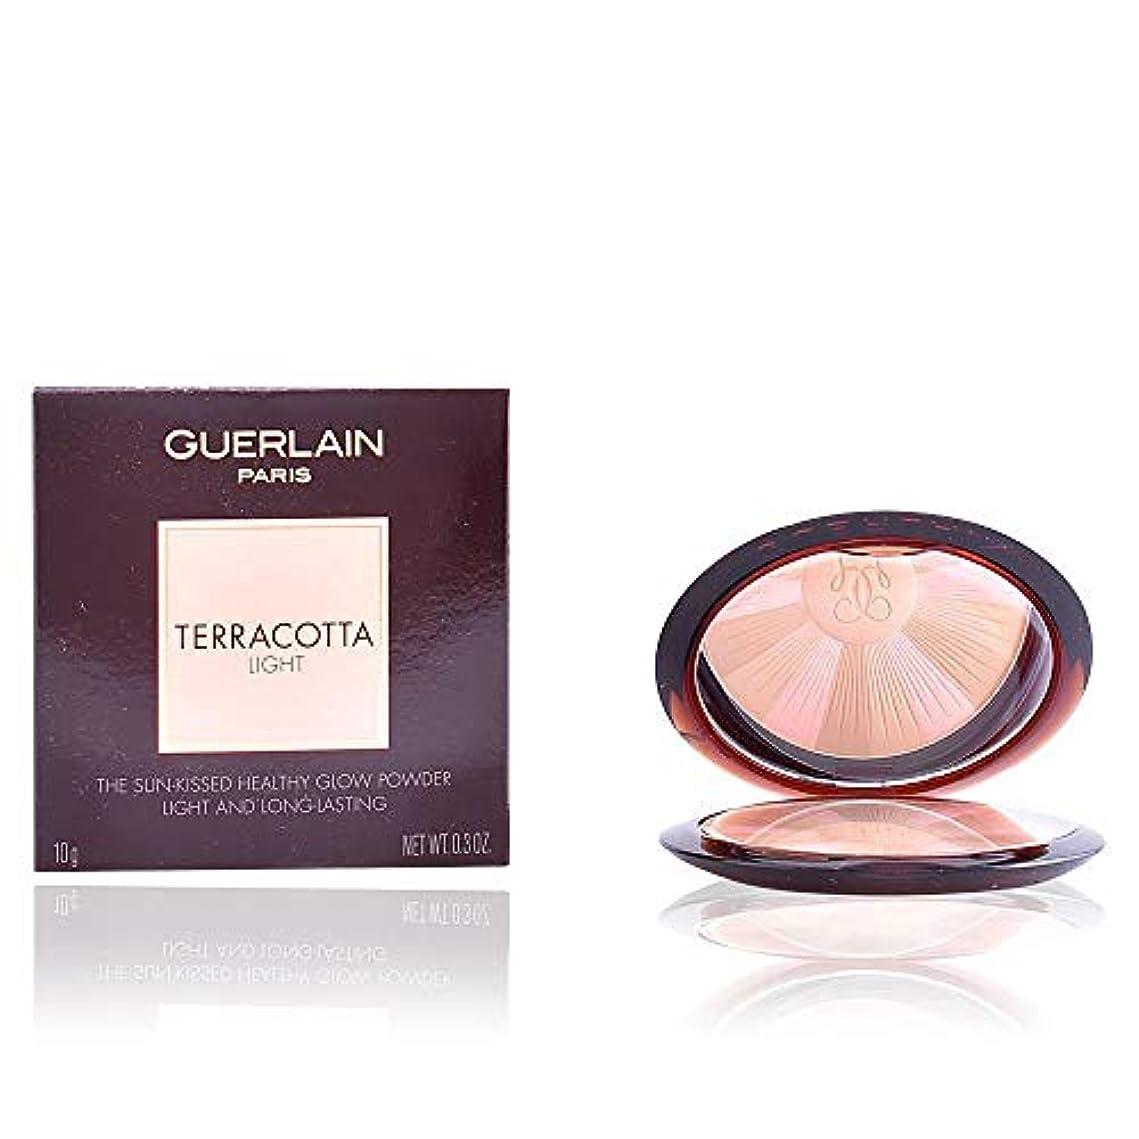 うねる課す分析的なゲラン Terracotta Light The Sun Kissed Healthy Glow Powder - # 03 Natural Warm 10g/0.3oz並行輸入品